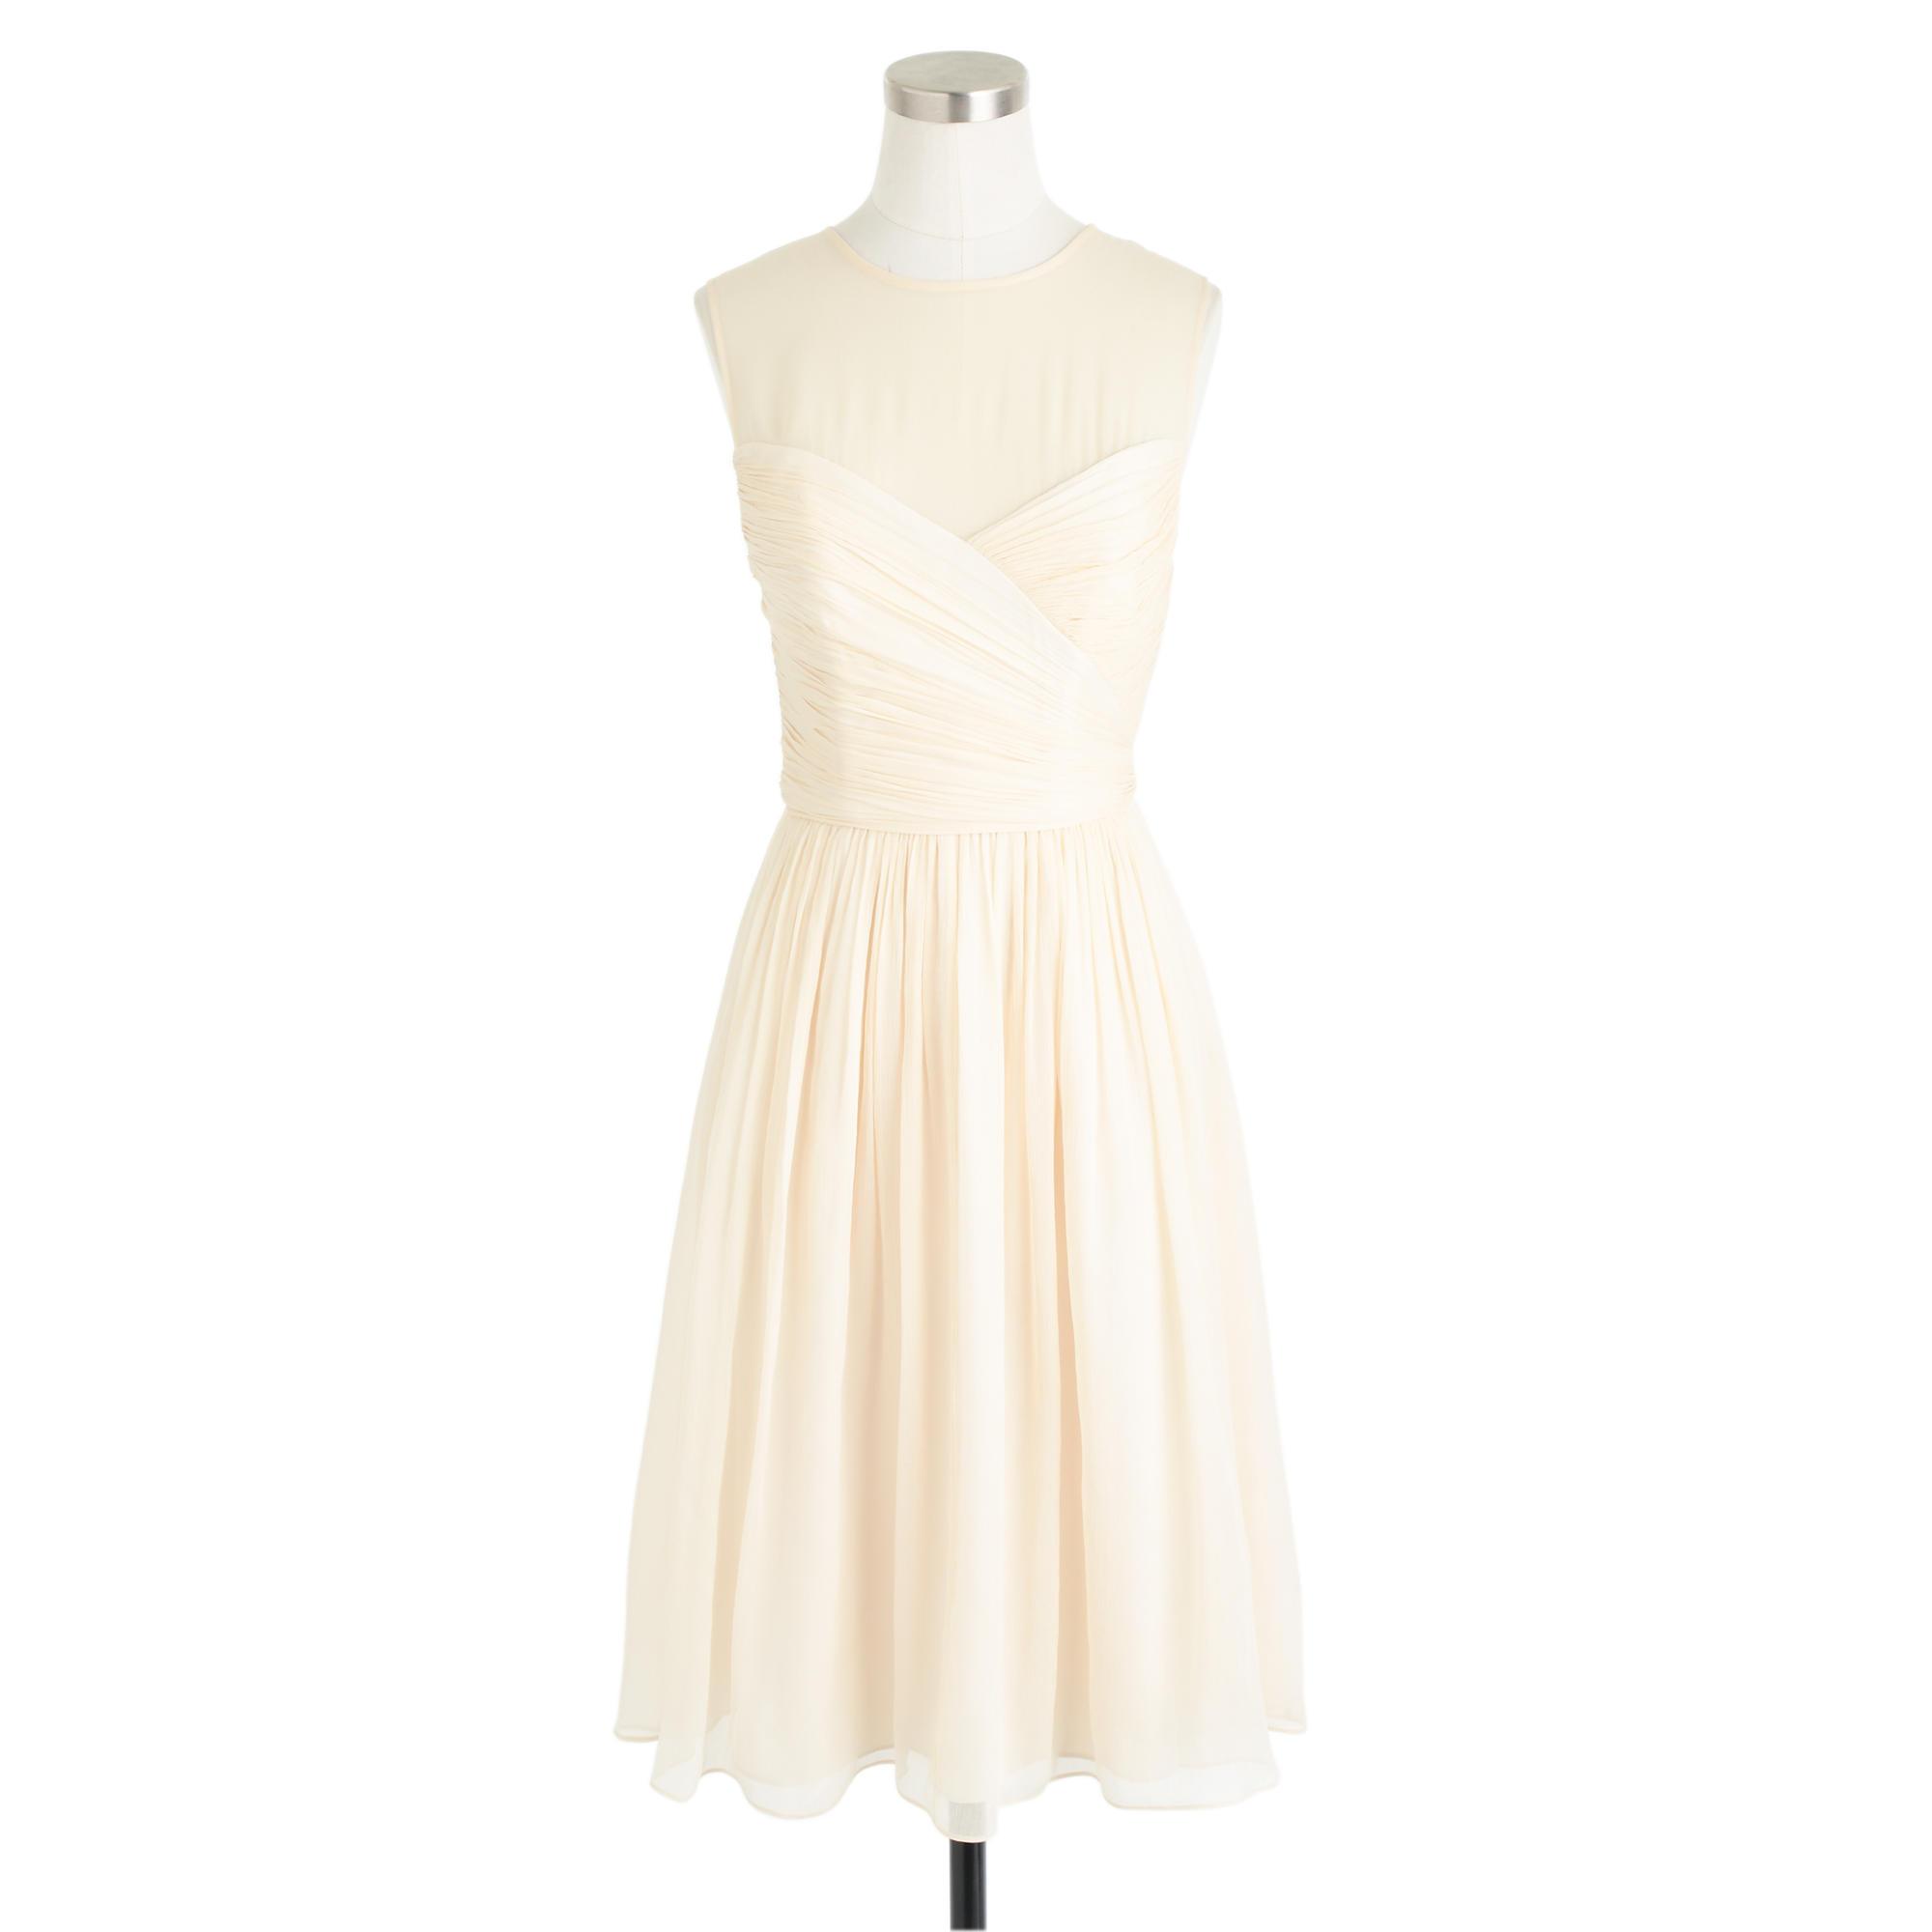 Clara dress in silk chiffon wedding sizes 16 to 20 j crew for J crew wedding dress size chart